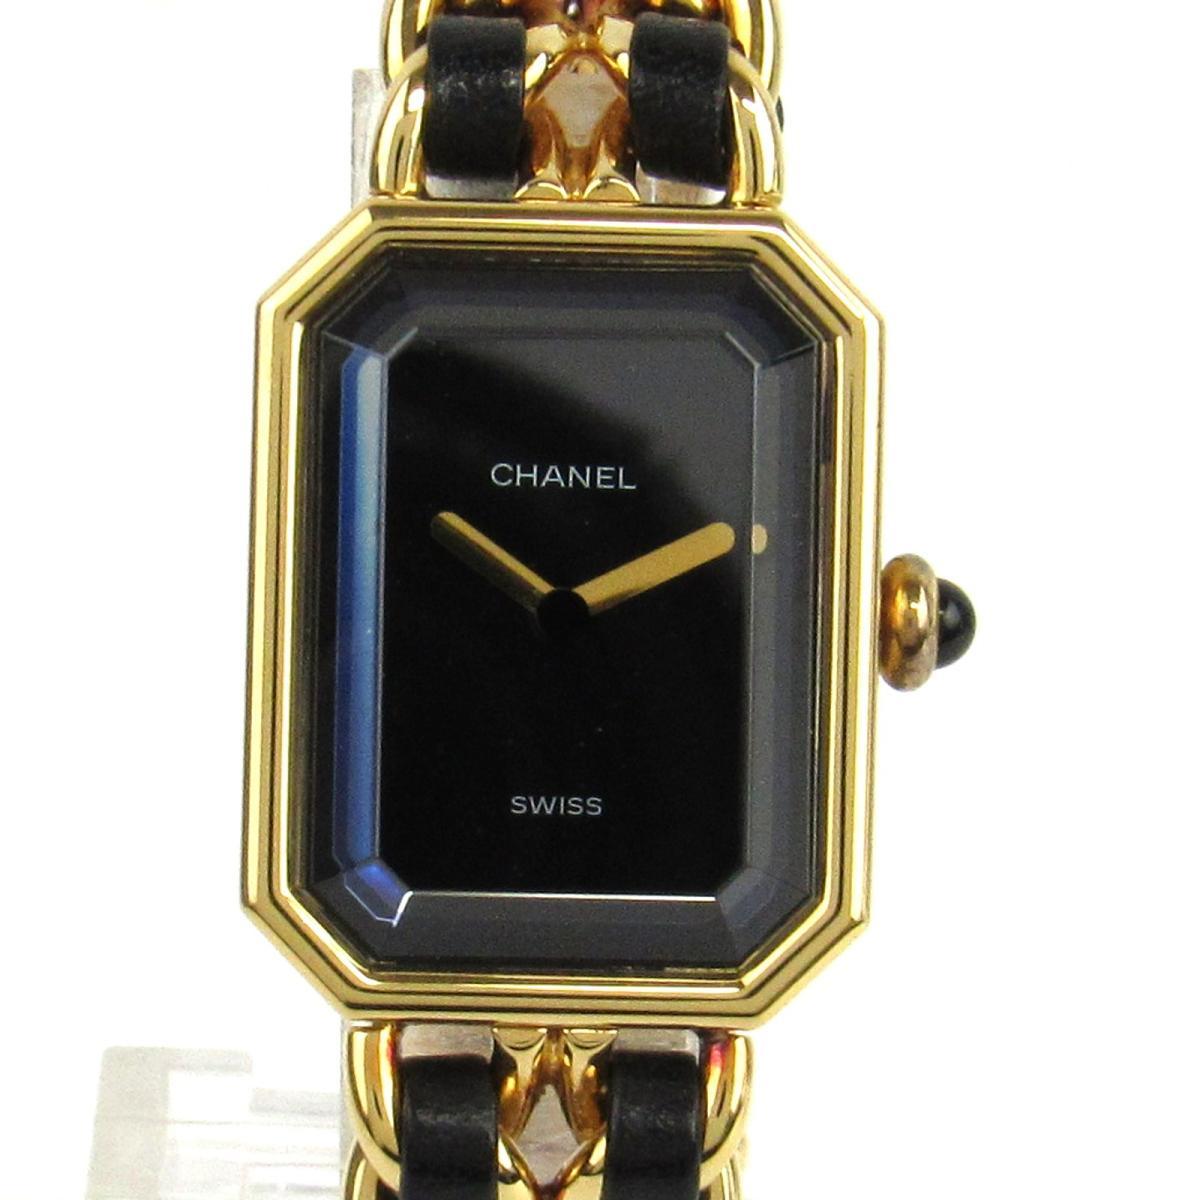 【中古】 シャネル プルミエールS ウォッチ 腕時計 レディース レザーベルト x GP (ゴールドメッキ) H0001   CHANEL クオーツ クォーツ 時計 プルミエールS 美品 ブランドオフ